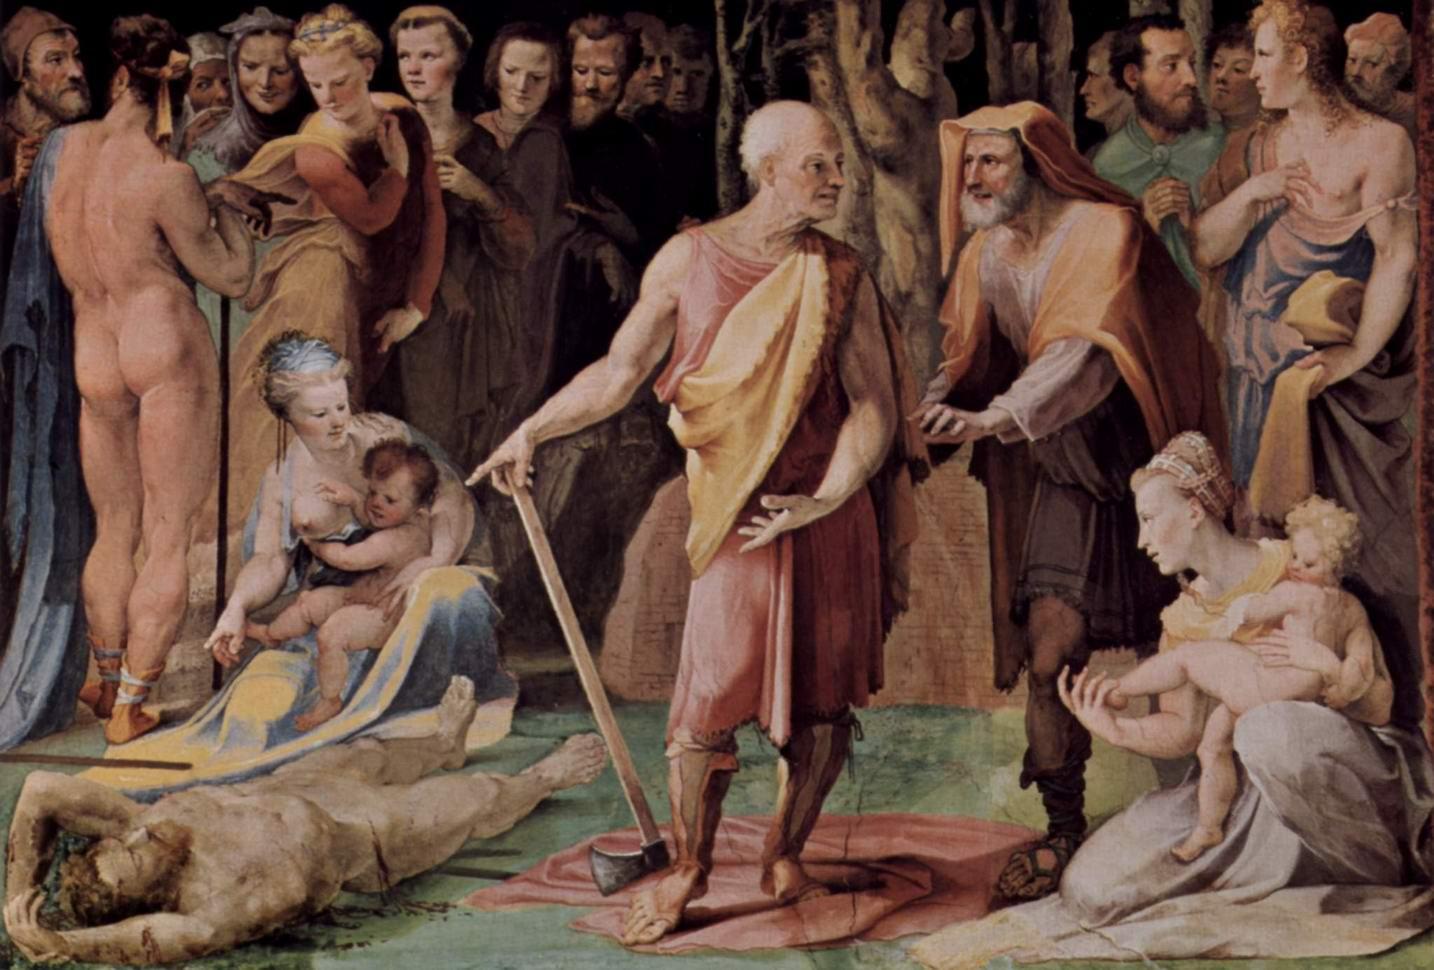 Аллегорический цикл фресок (Политические добродетели) из Палаццо Пубблико в Сиене. Постумий Тибурций убивает своего сына, Беккафуми Доменико